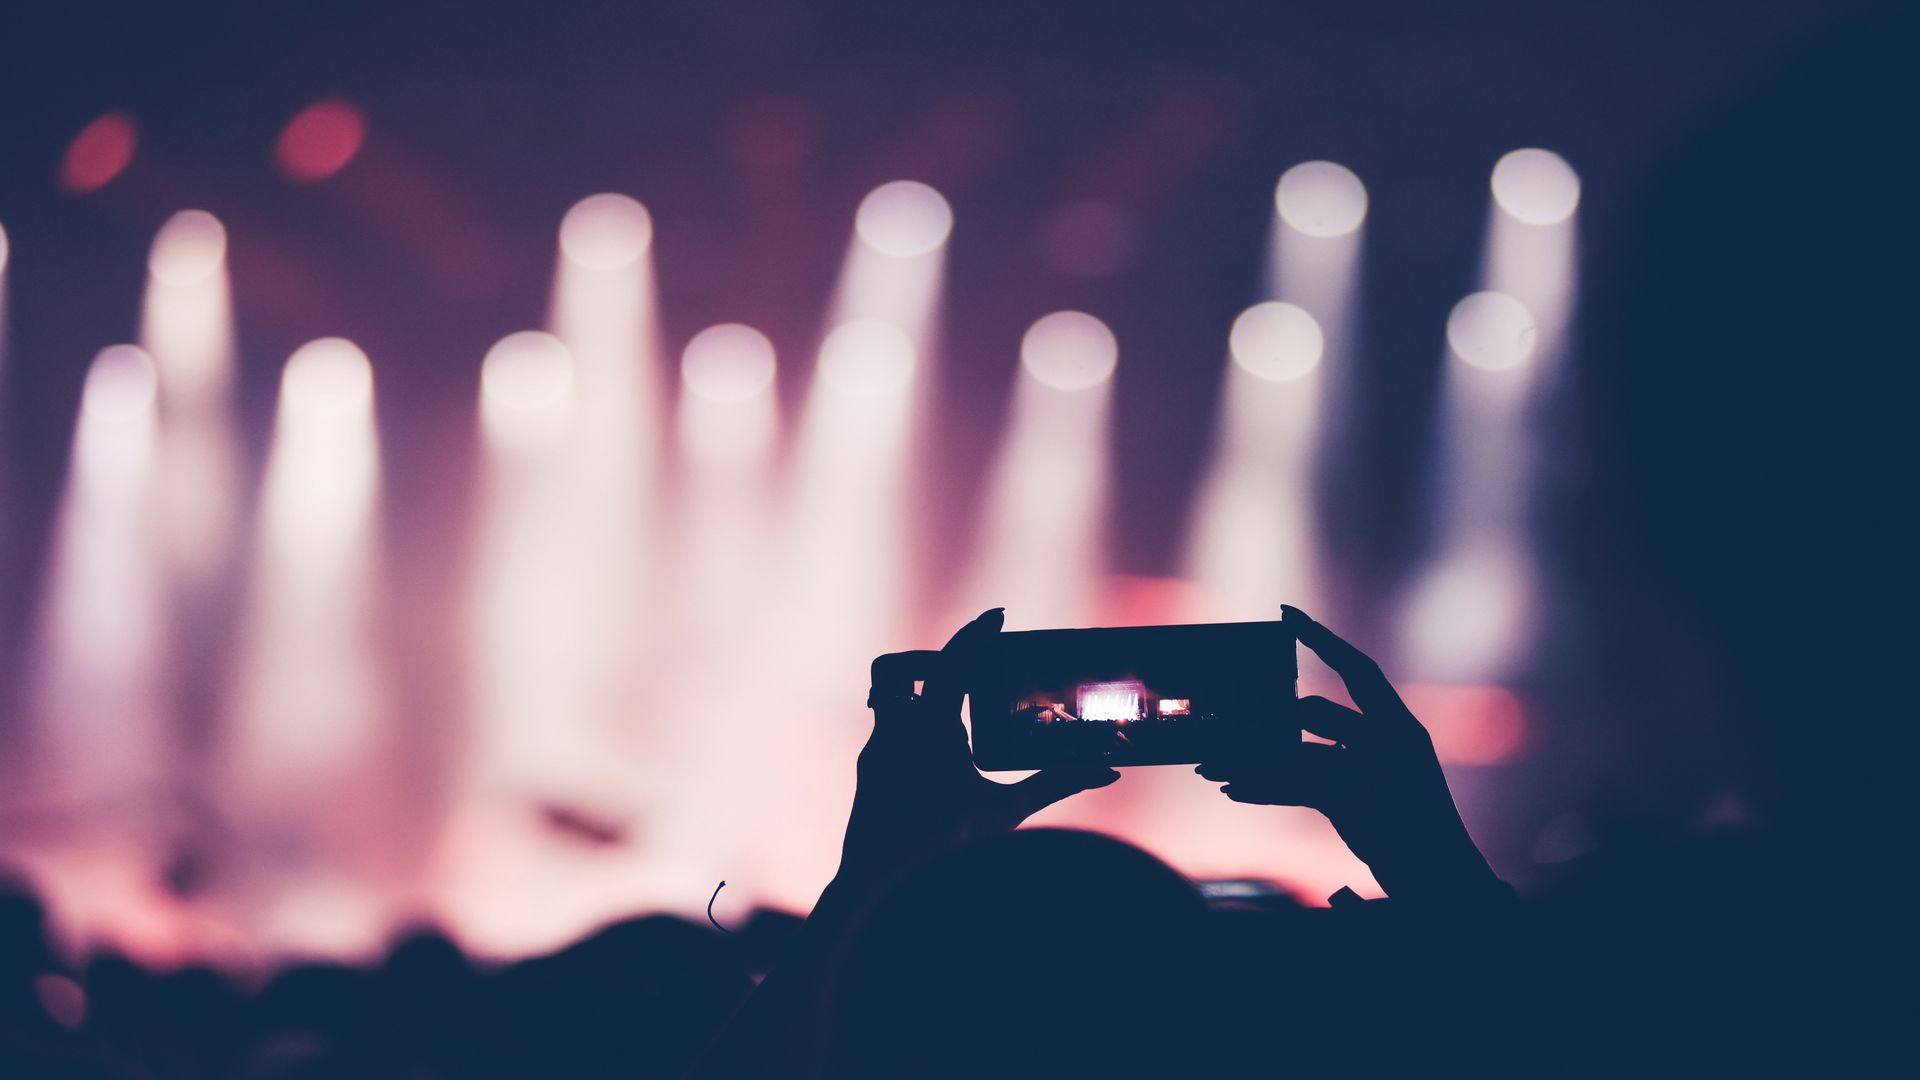 Tournage avec Iphone, smartphone avec l'organisme de formation continue : Formations Vidéo et Montage by AbraCaméra, formation audiovisuelle près de Bordeaux, Gironde , Nouvelle-Aquitaine, France et en visio.